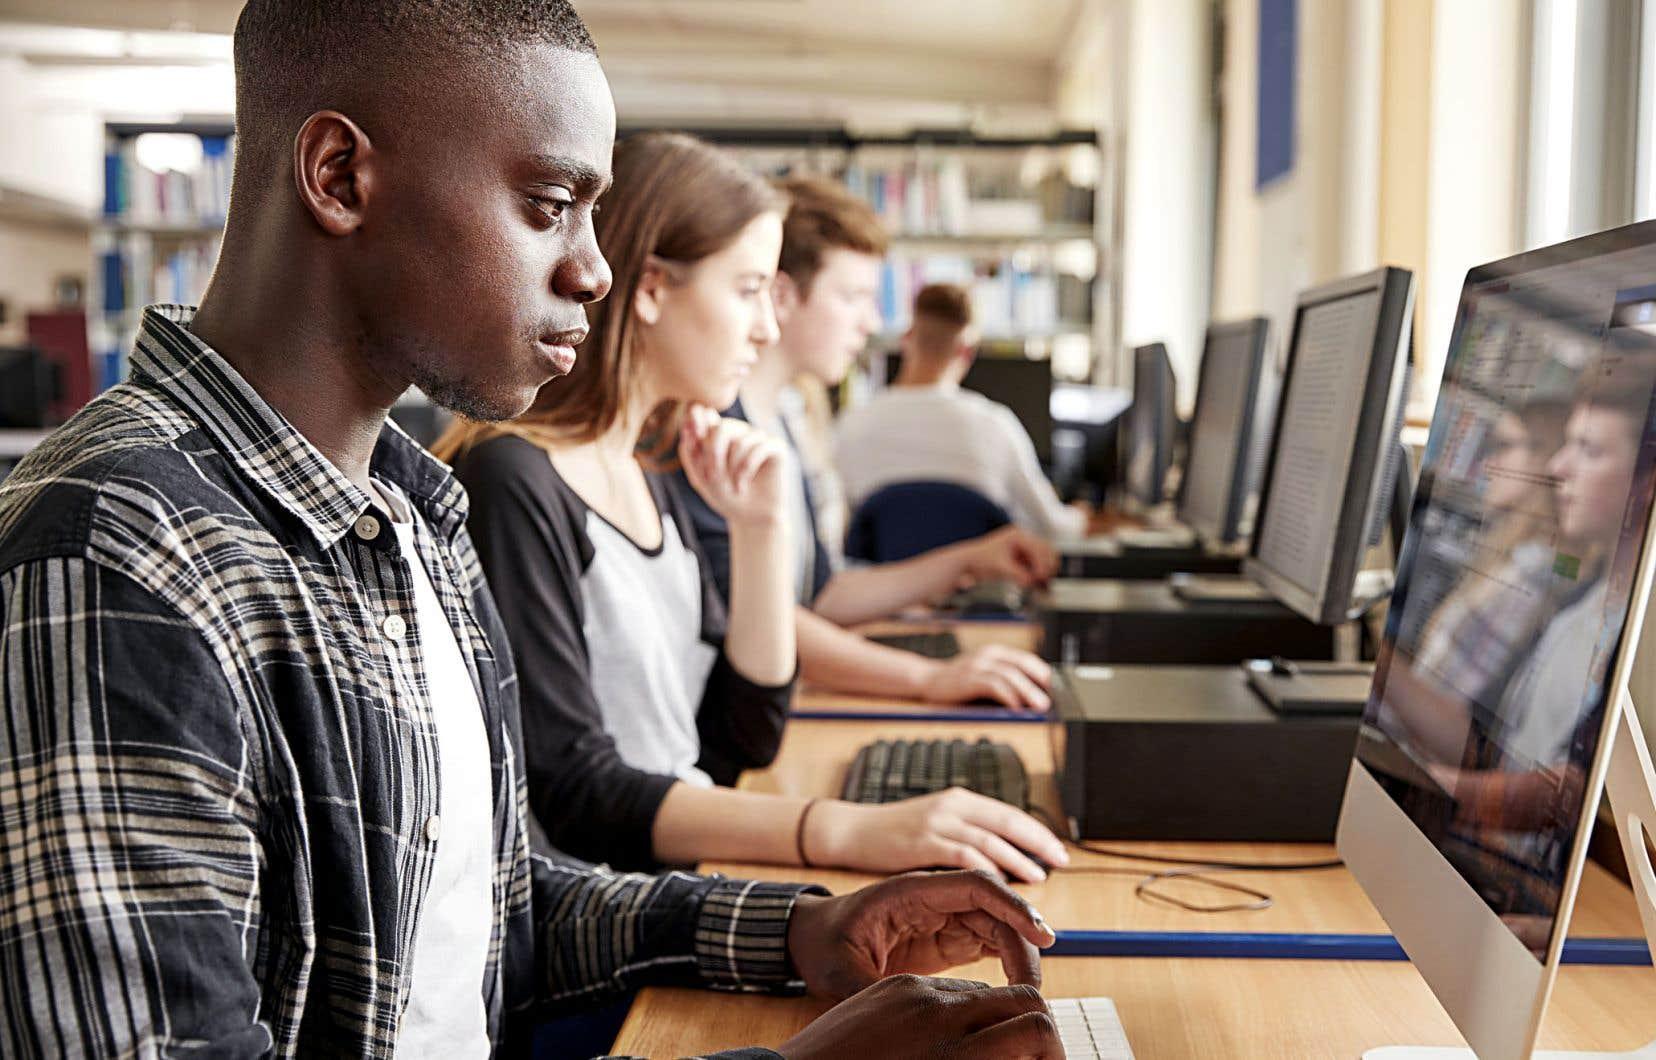 Selon Chedly Belkhodja, professeur et directeur de l'École des affaires publiques et communautaires de l'Université Concordia, il n'est pas rare maintenant de voir certaines petites universités dans lesquelles les étudiants étrangers représentent 15 ou 20% de l'effectif.